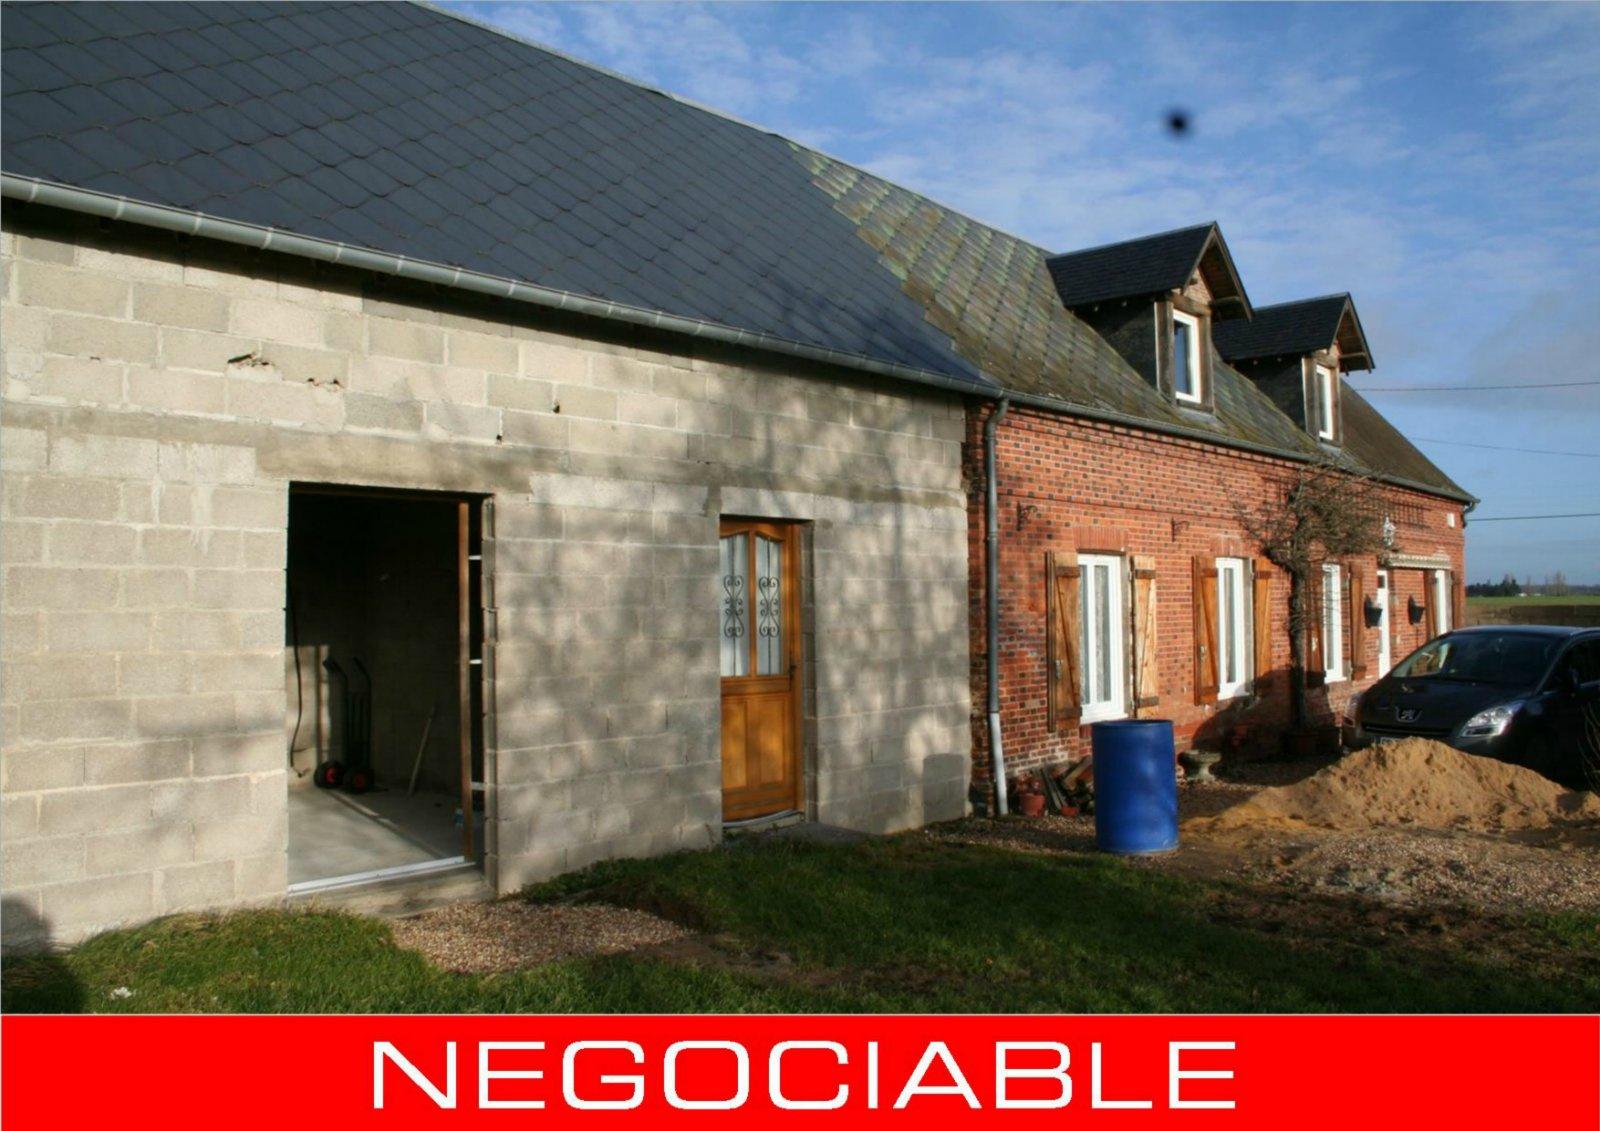 Vente maison breteuil 27160 sur le partenaire for Piscine breteuil